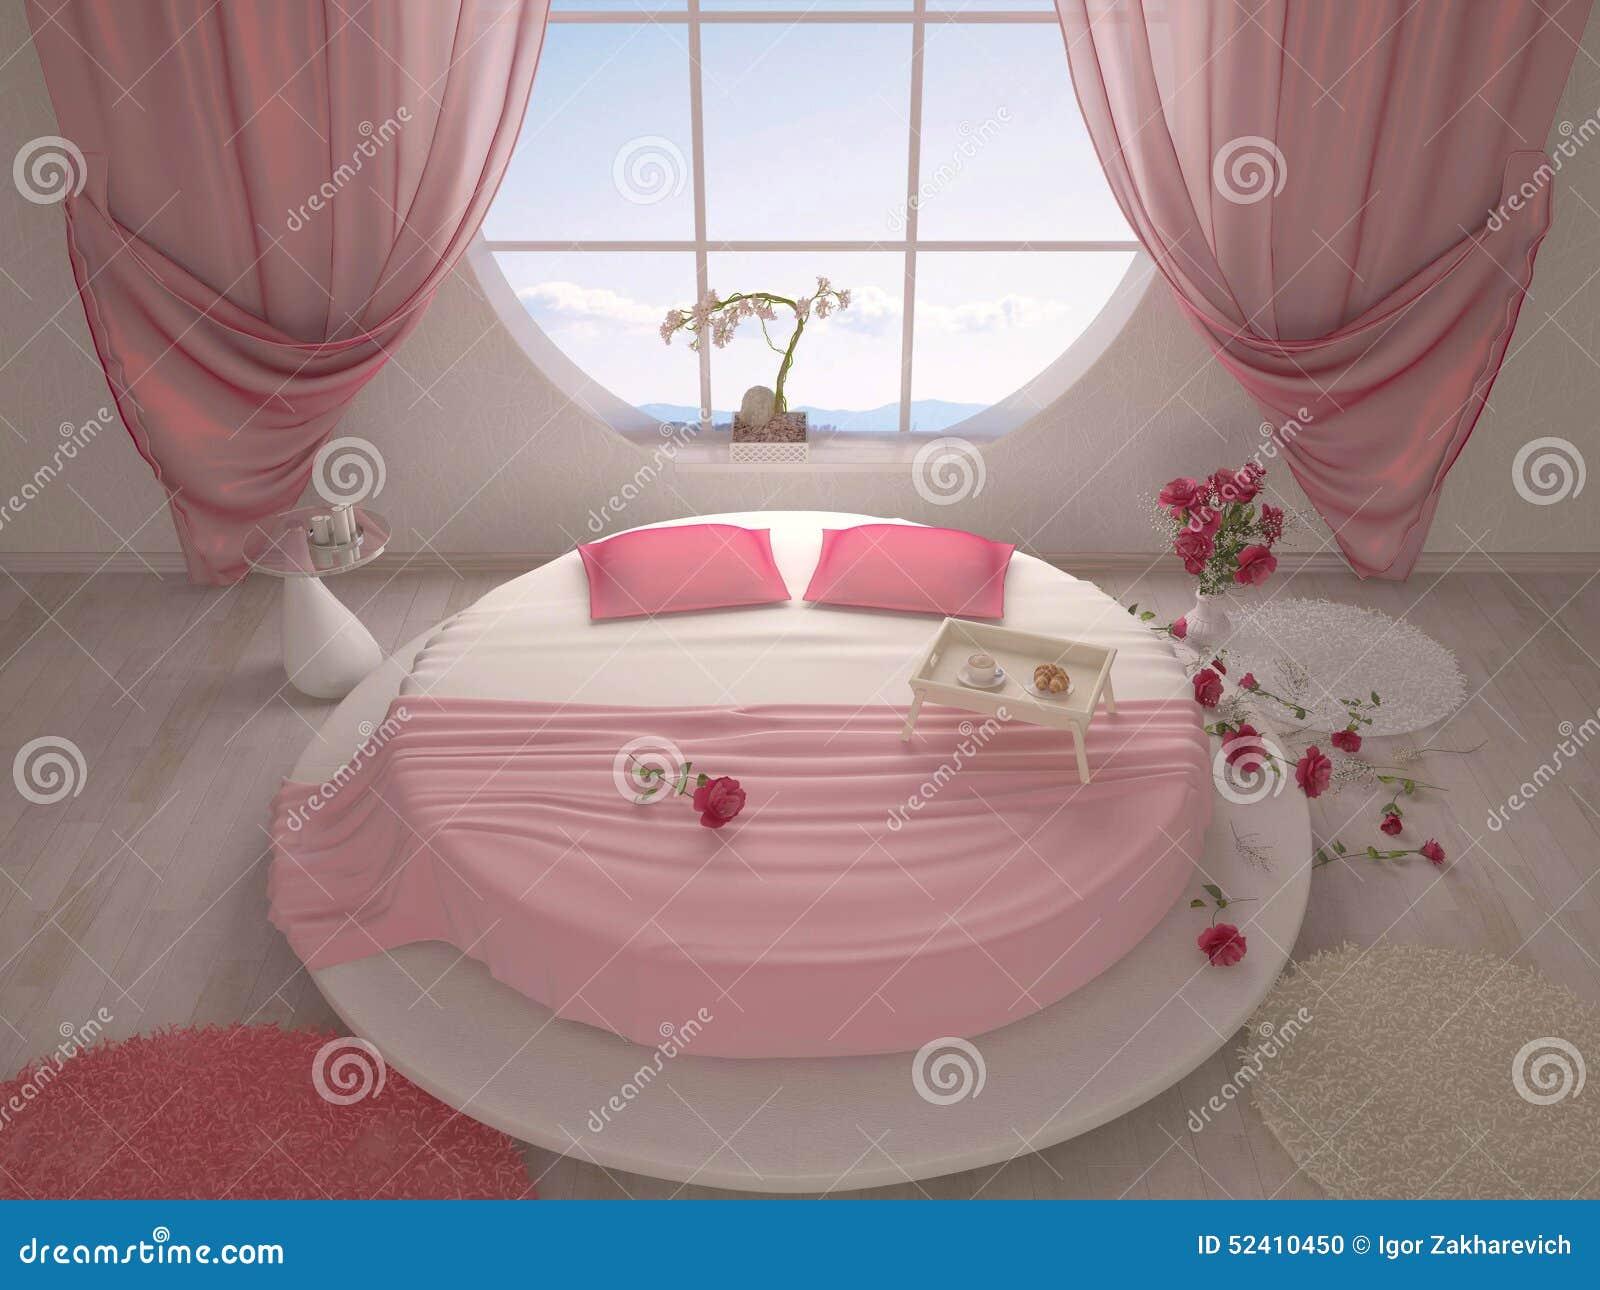 lit rond suspendu lit rond suspendu with lit rond suspendu stunning latest lit rond suspendu. Black Bedroom Furniture Sets. Home Design Ideas